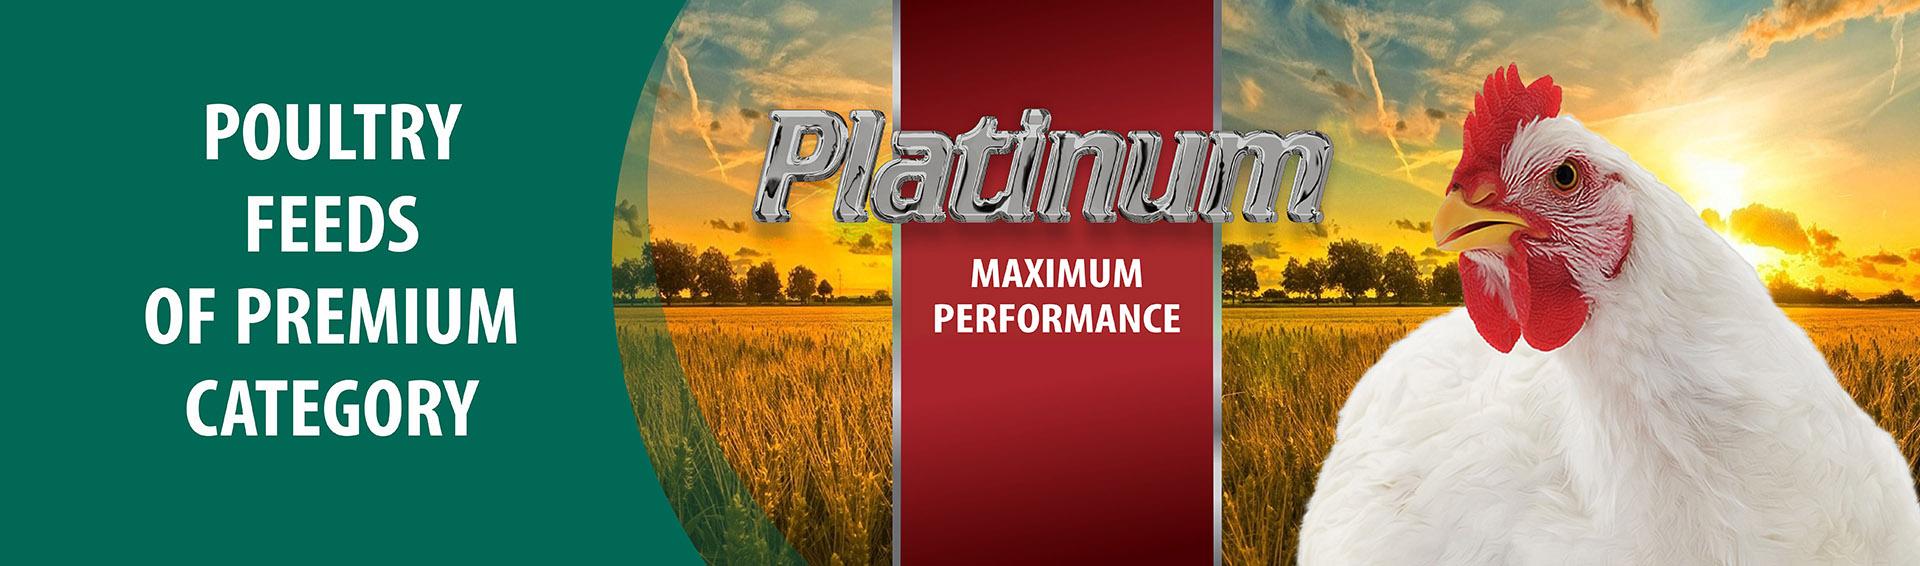 Platinum broiler feed